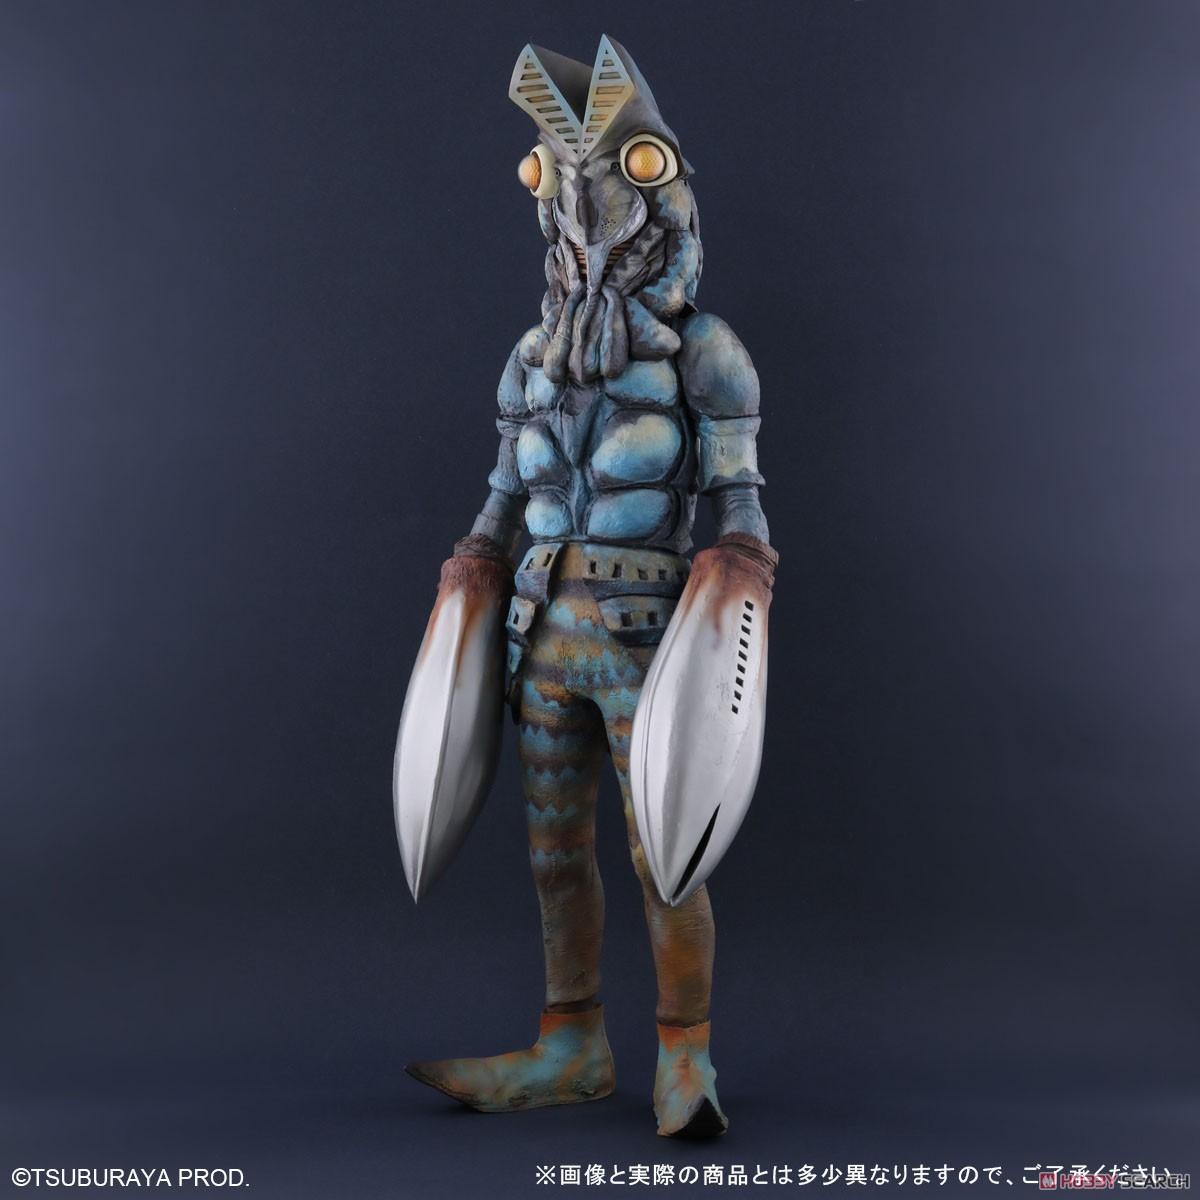 ギガンティックシリーズ『バルタン星人』ウルトラマン 完成品フィギュア-002